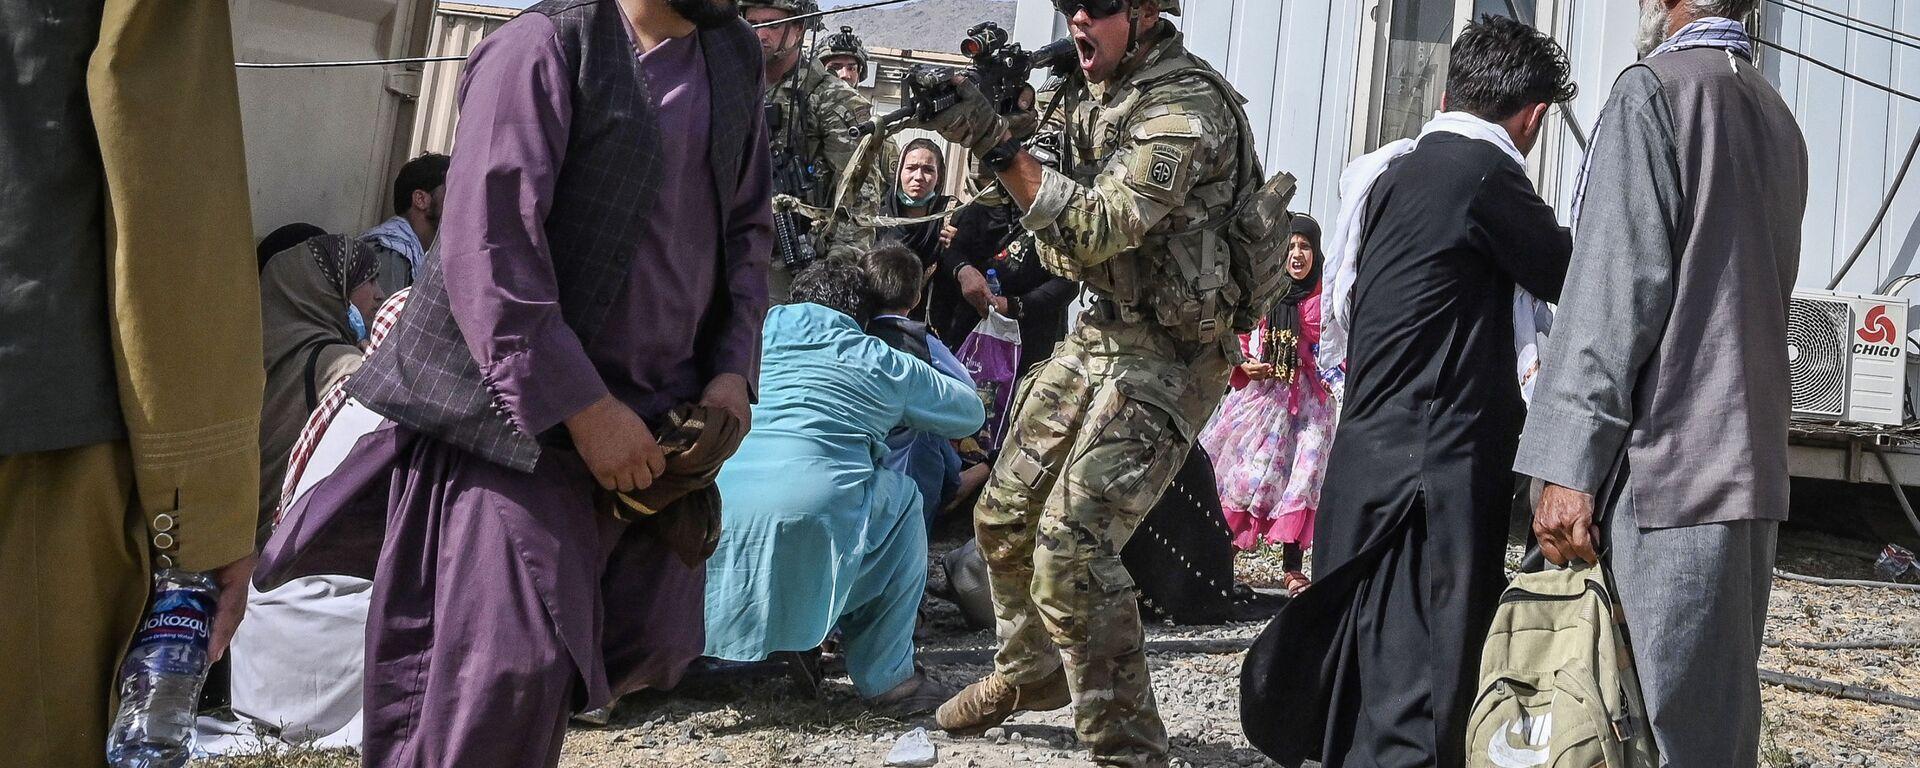 Amerykański żołnierz celuje w Afgańczyka na lotnisku w Kabulu - Sputnik Polska, 1920, 29.08.2021